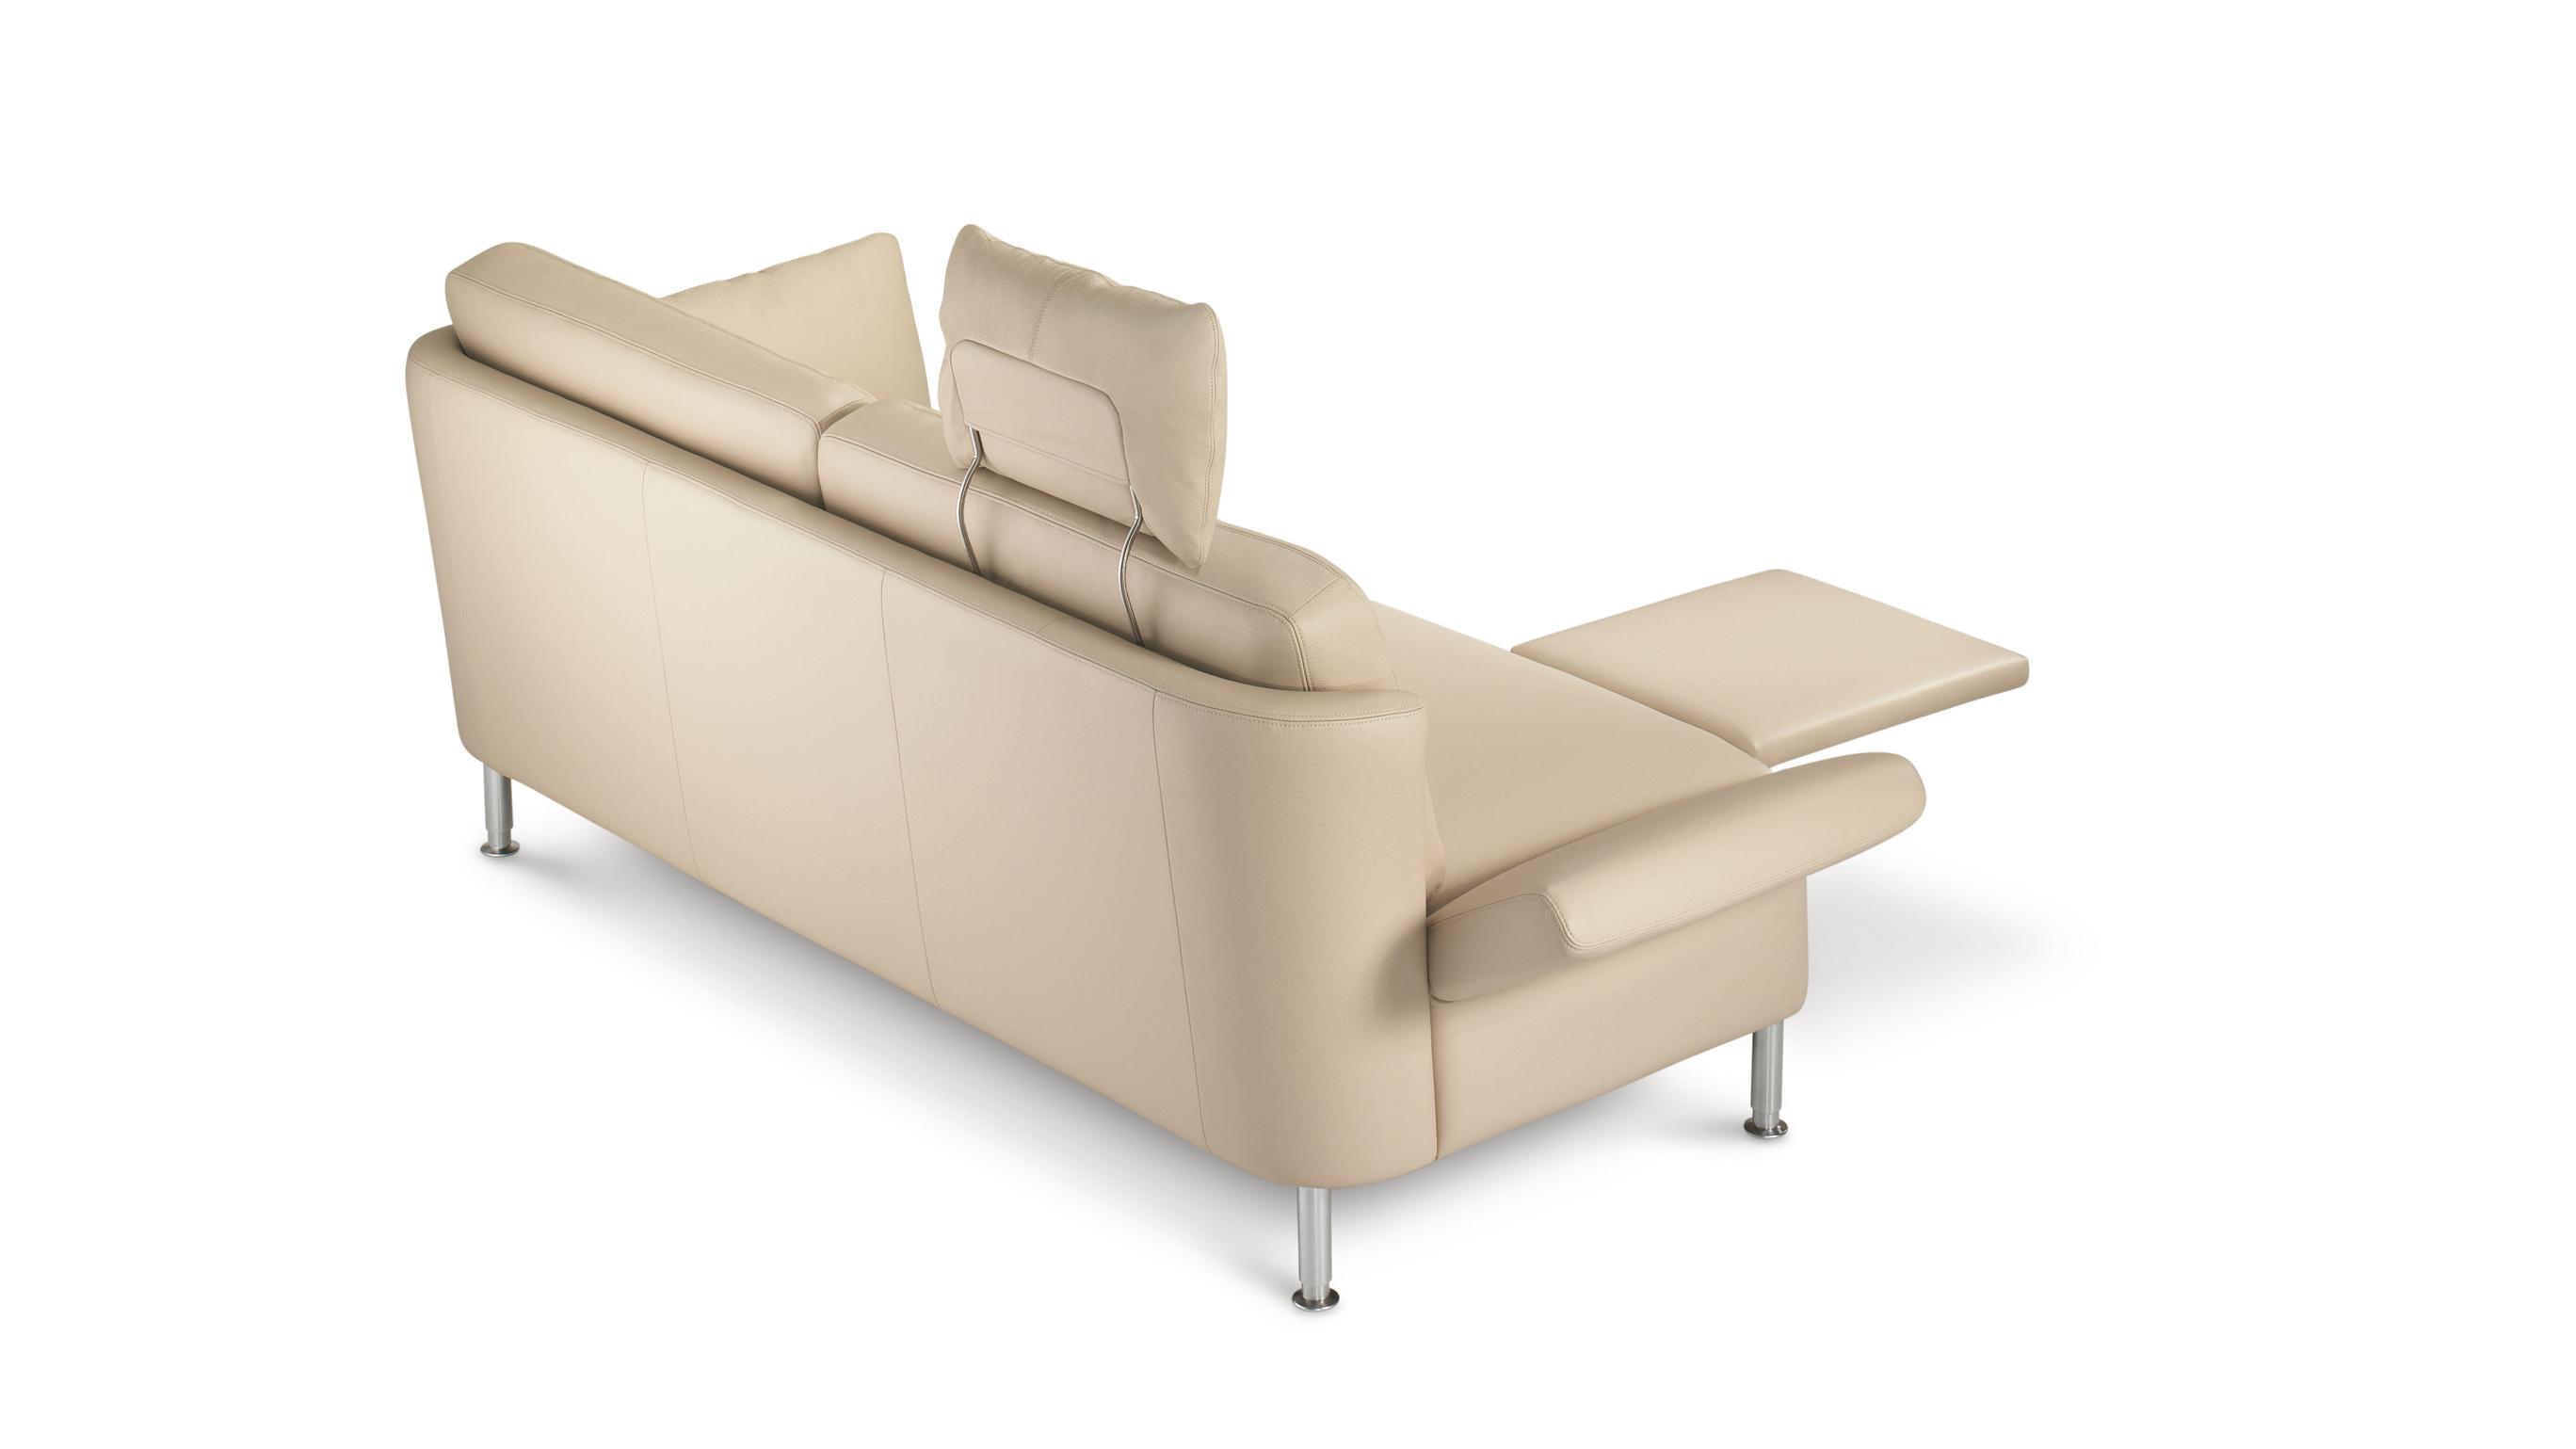 sofas produkt kategorien intertime. Black Bedroom Furniture Sets. Home Design Ideas